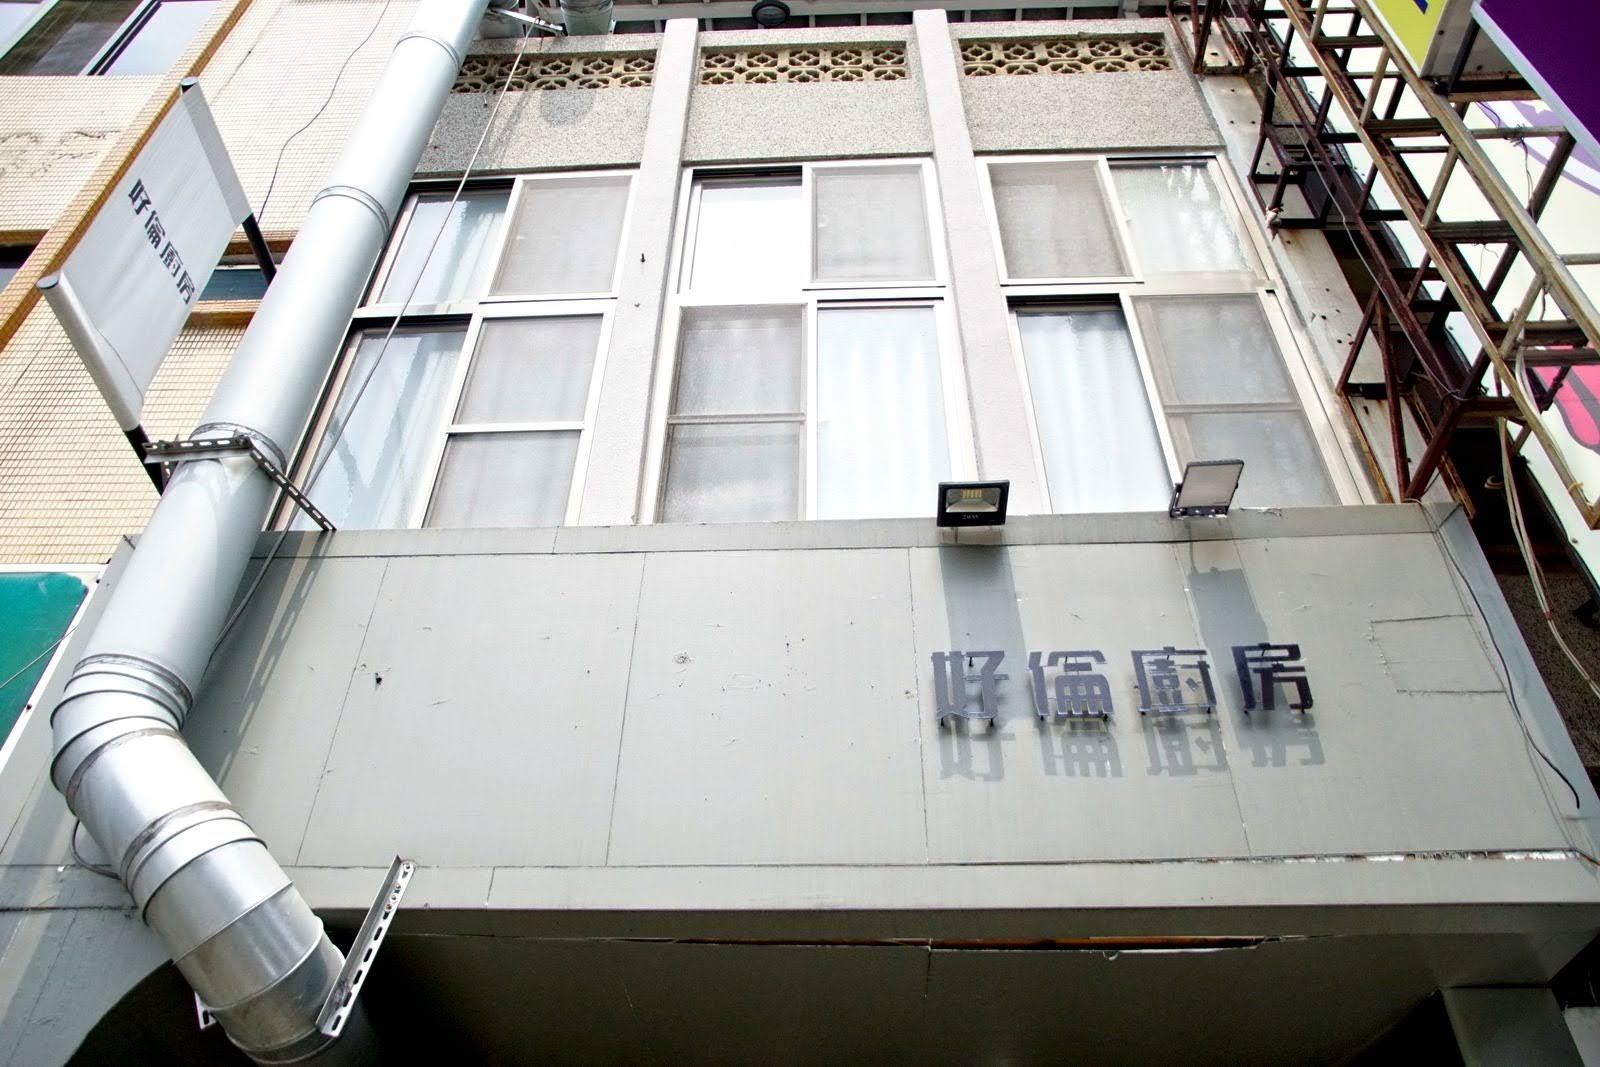 [台南][東區] 好倫廚房|東門圓環上的老屋義大利麵|食記